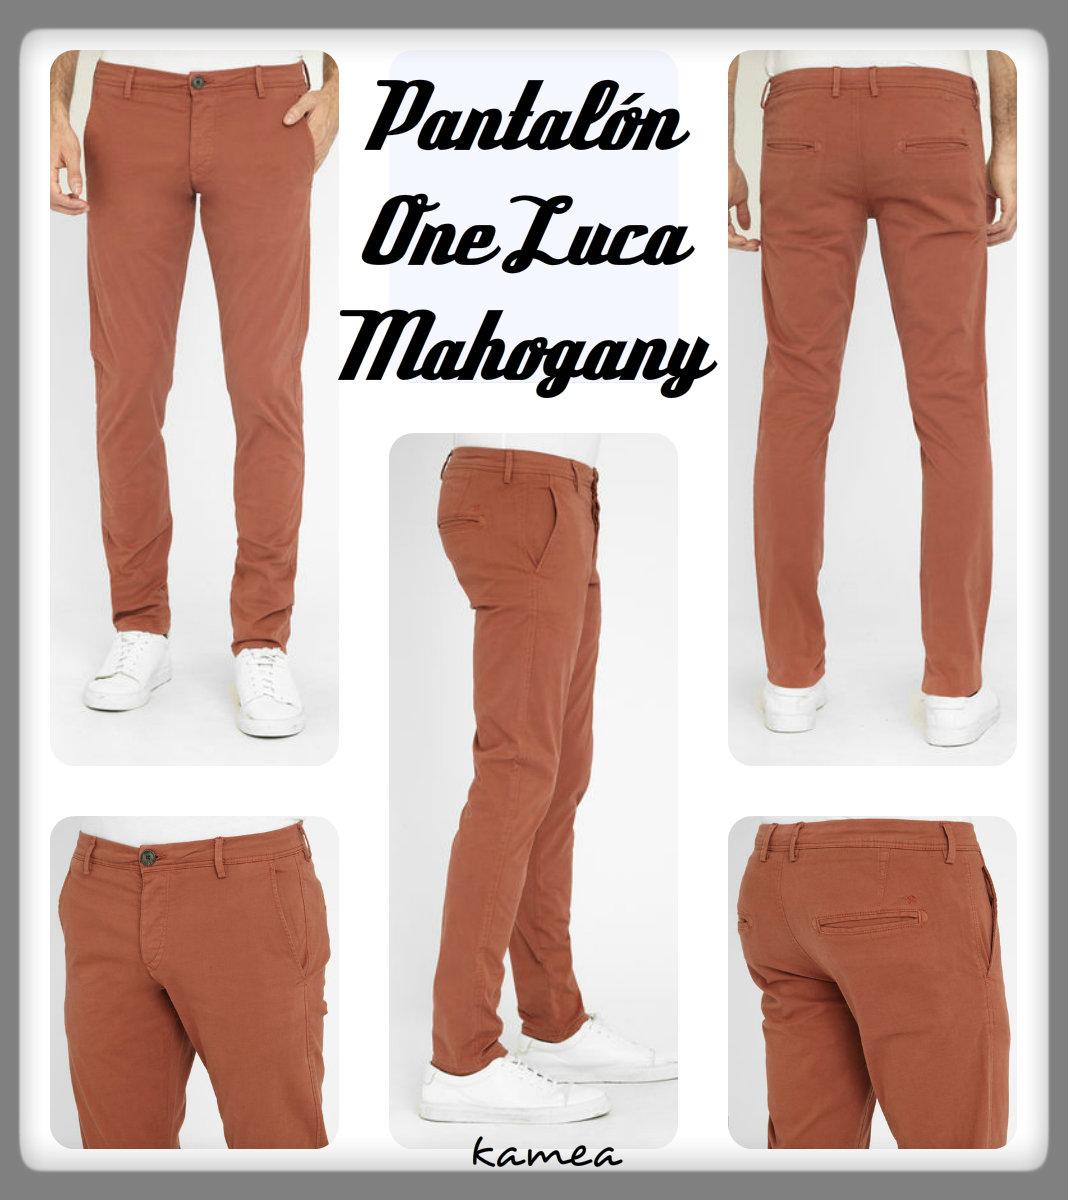 pantalon one luca mahogany